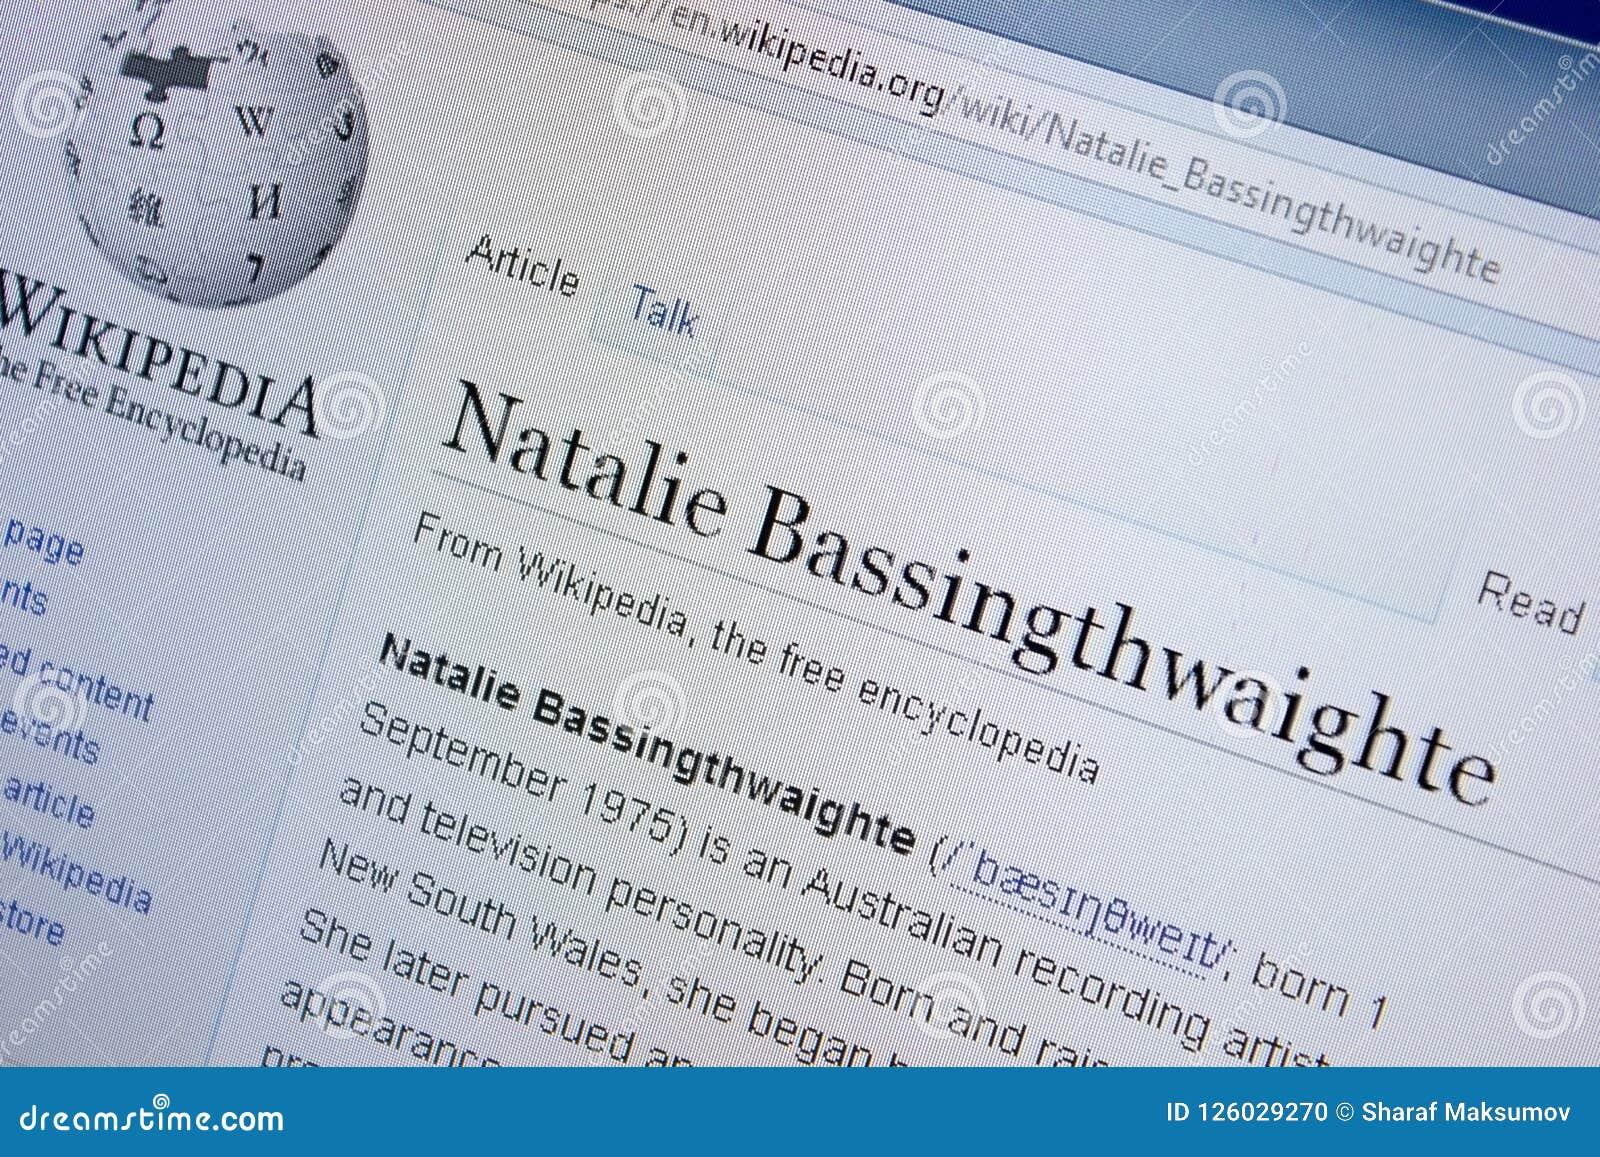 Riazan, Russie - 9 septembre 2018 - page de Wikipedia au sujet de Natalie Bassingthwaighte sur un affichage de PC